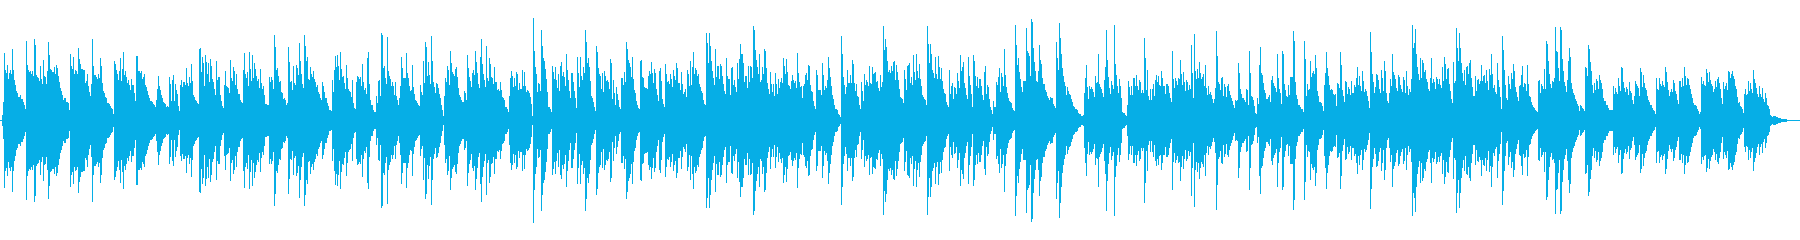 【生演奏】カフェ・アコースティックギターの再生済みの波形